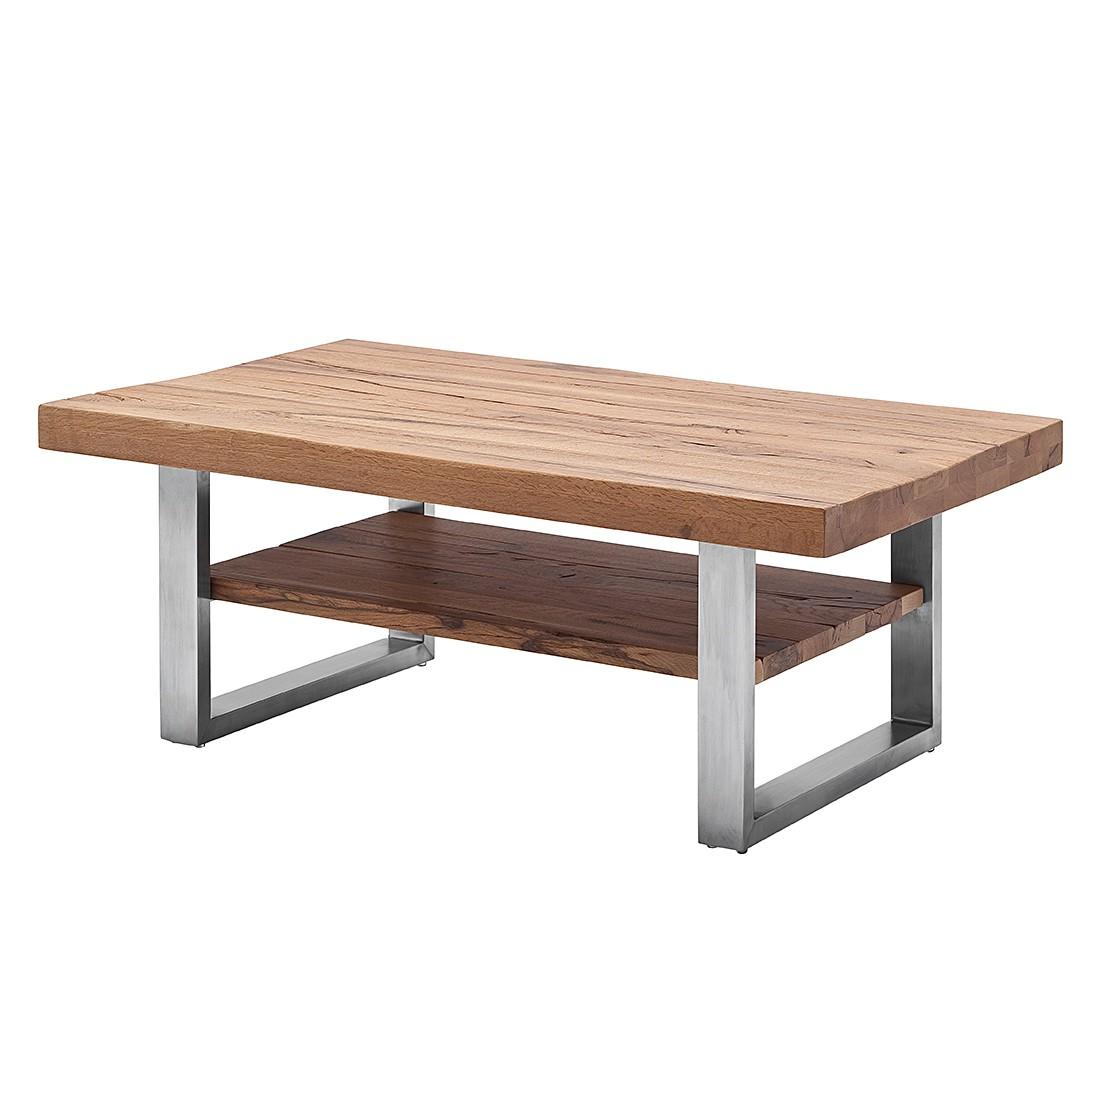 Table basse en bois massif design pas cher fs inspire - Table basse bois massif pas cher ...